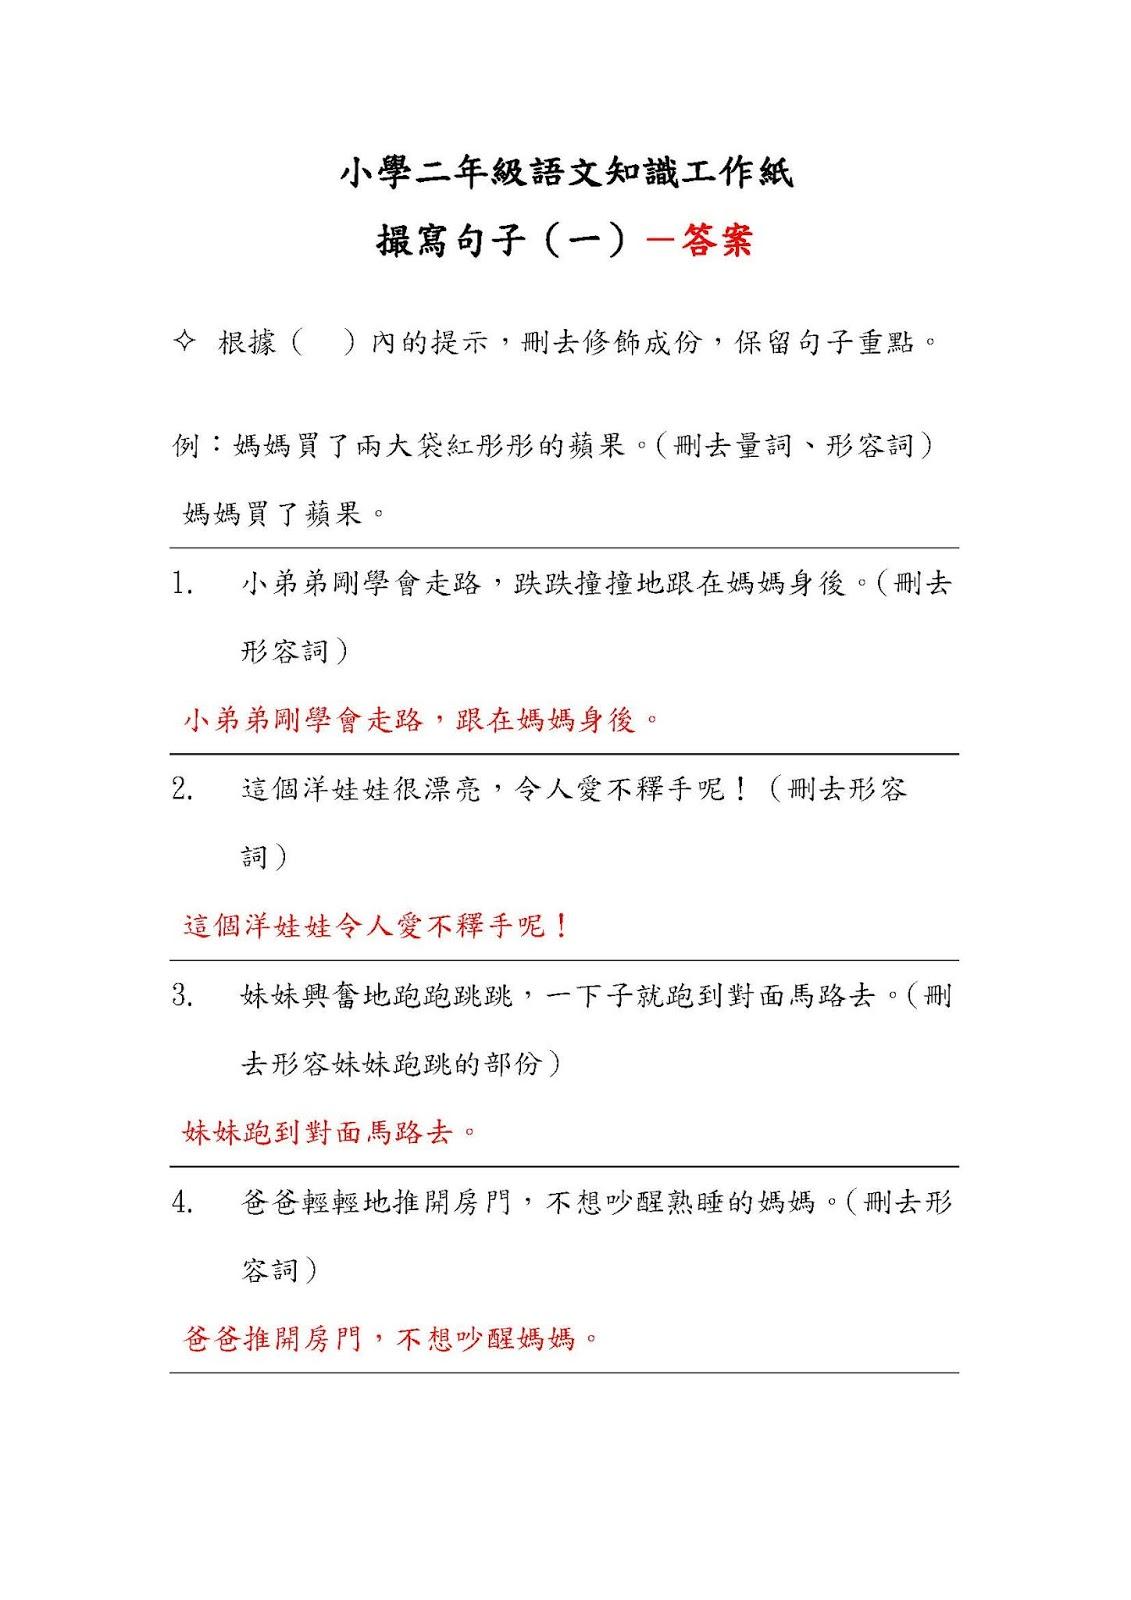 小二語文知識工作紙:撮寫句子(一) 中文工作紙 尤莉姐姐的反轉學堂